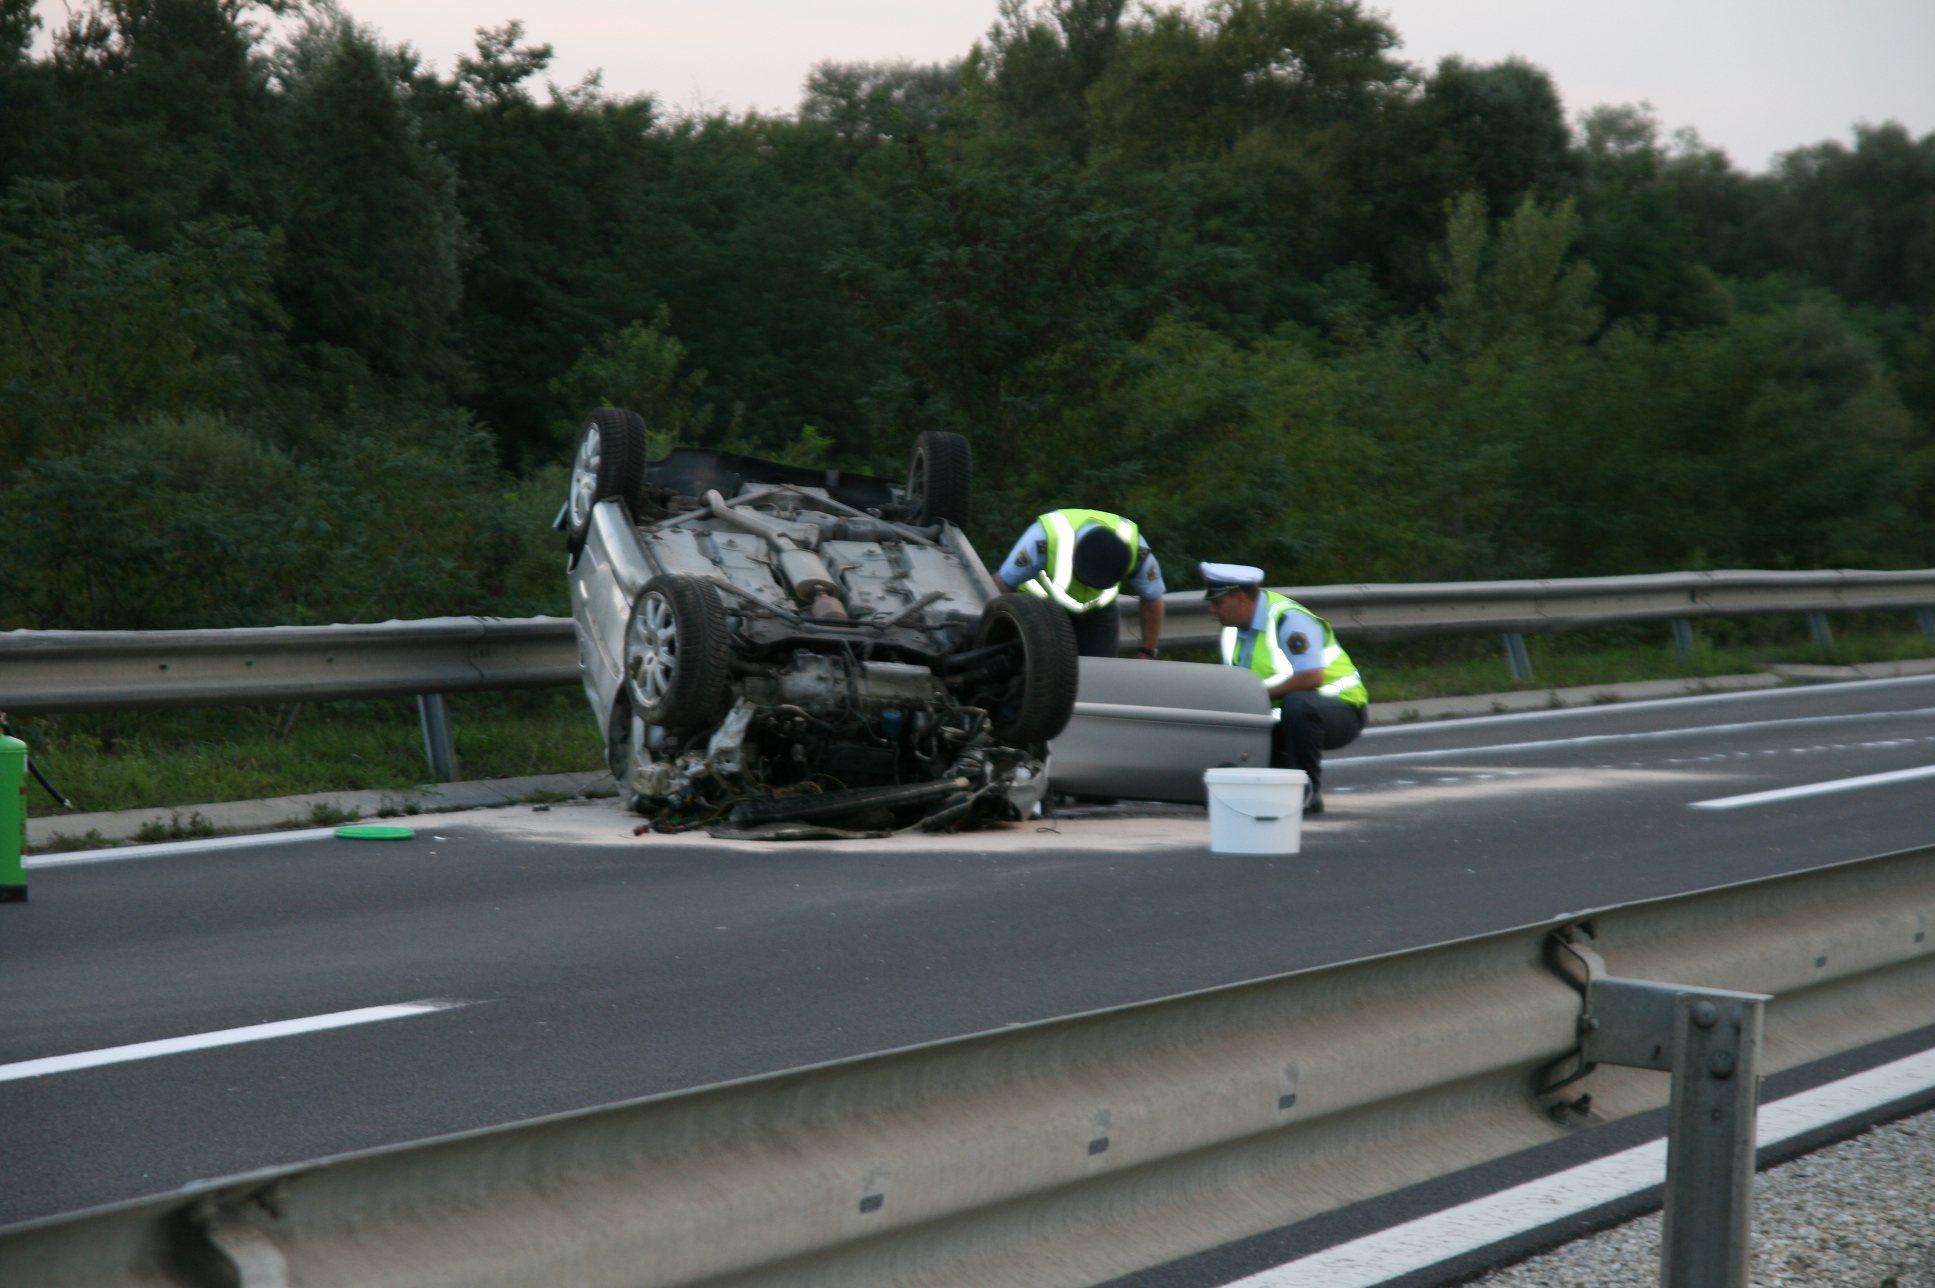 Posledice nesreče na pomurski avtocesti so bile usodne za dve osebi.